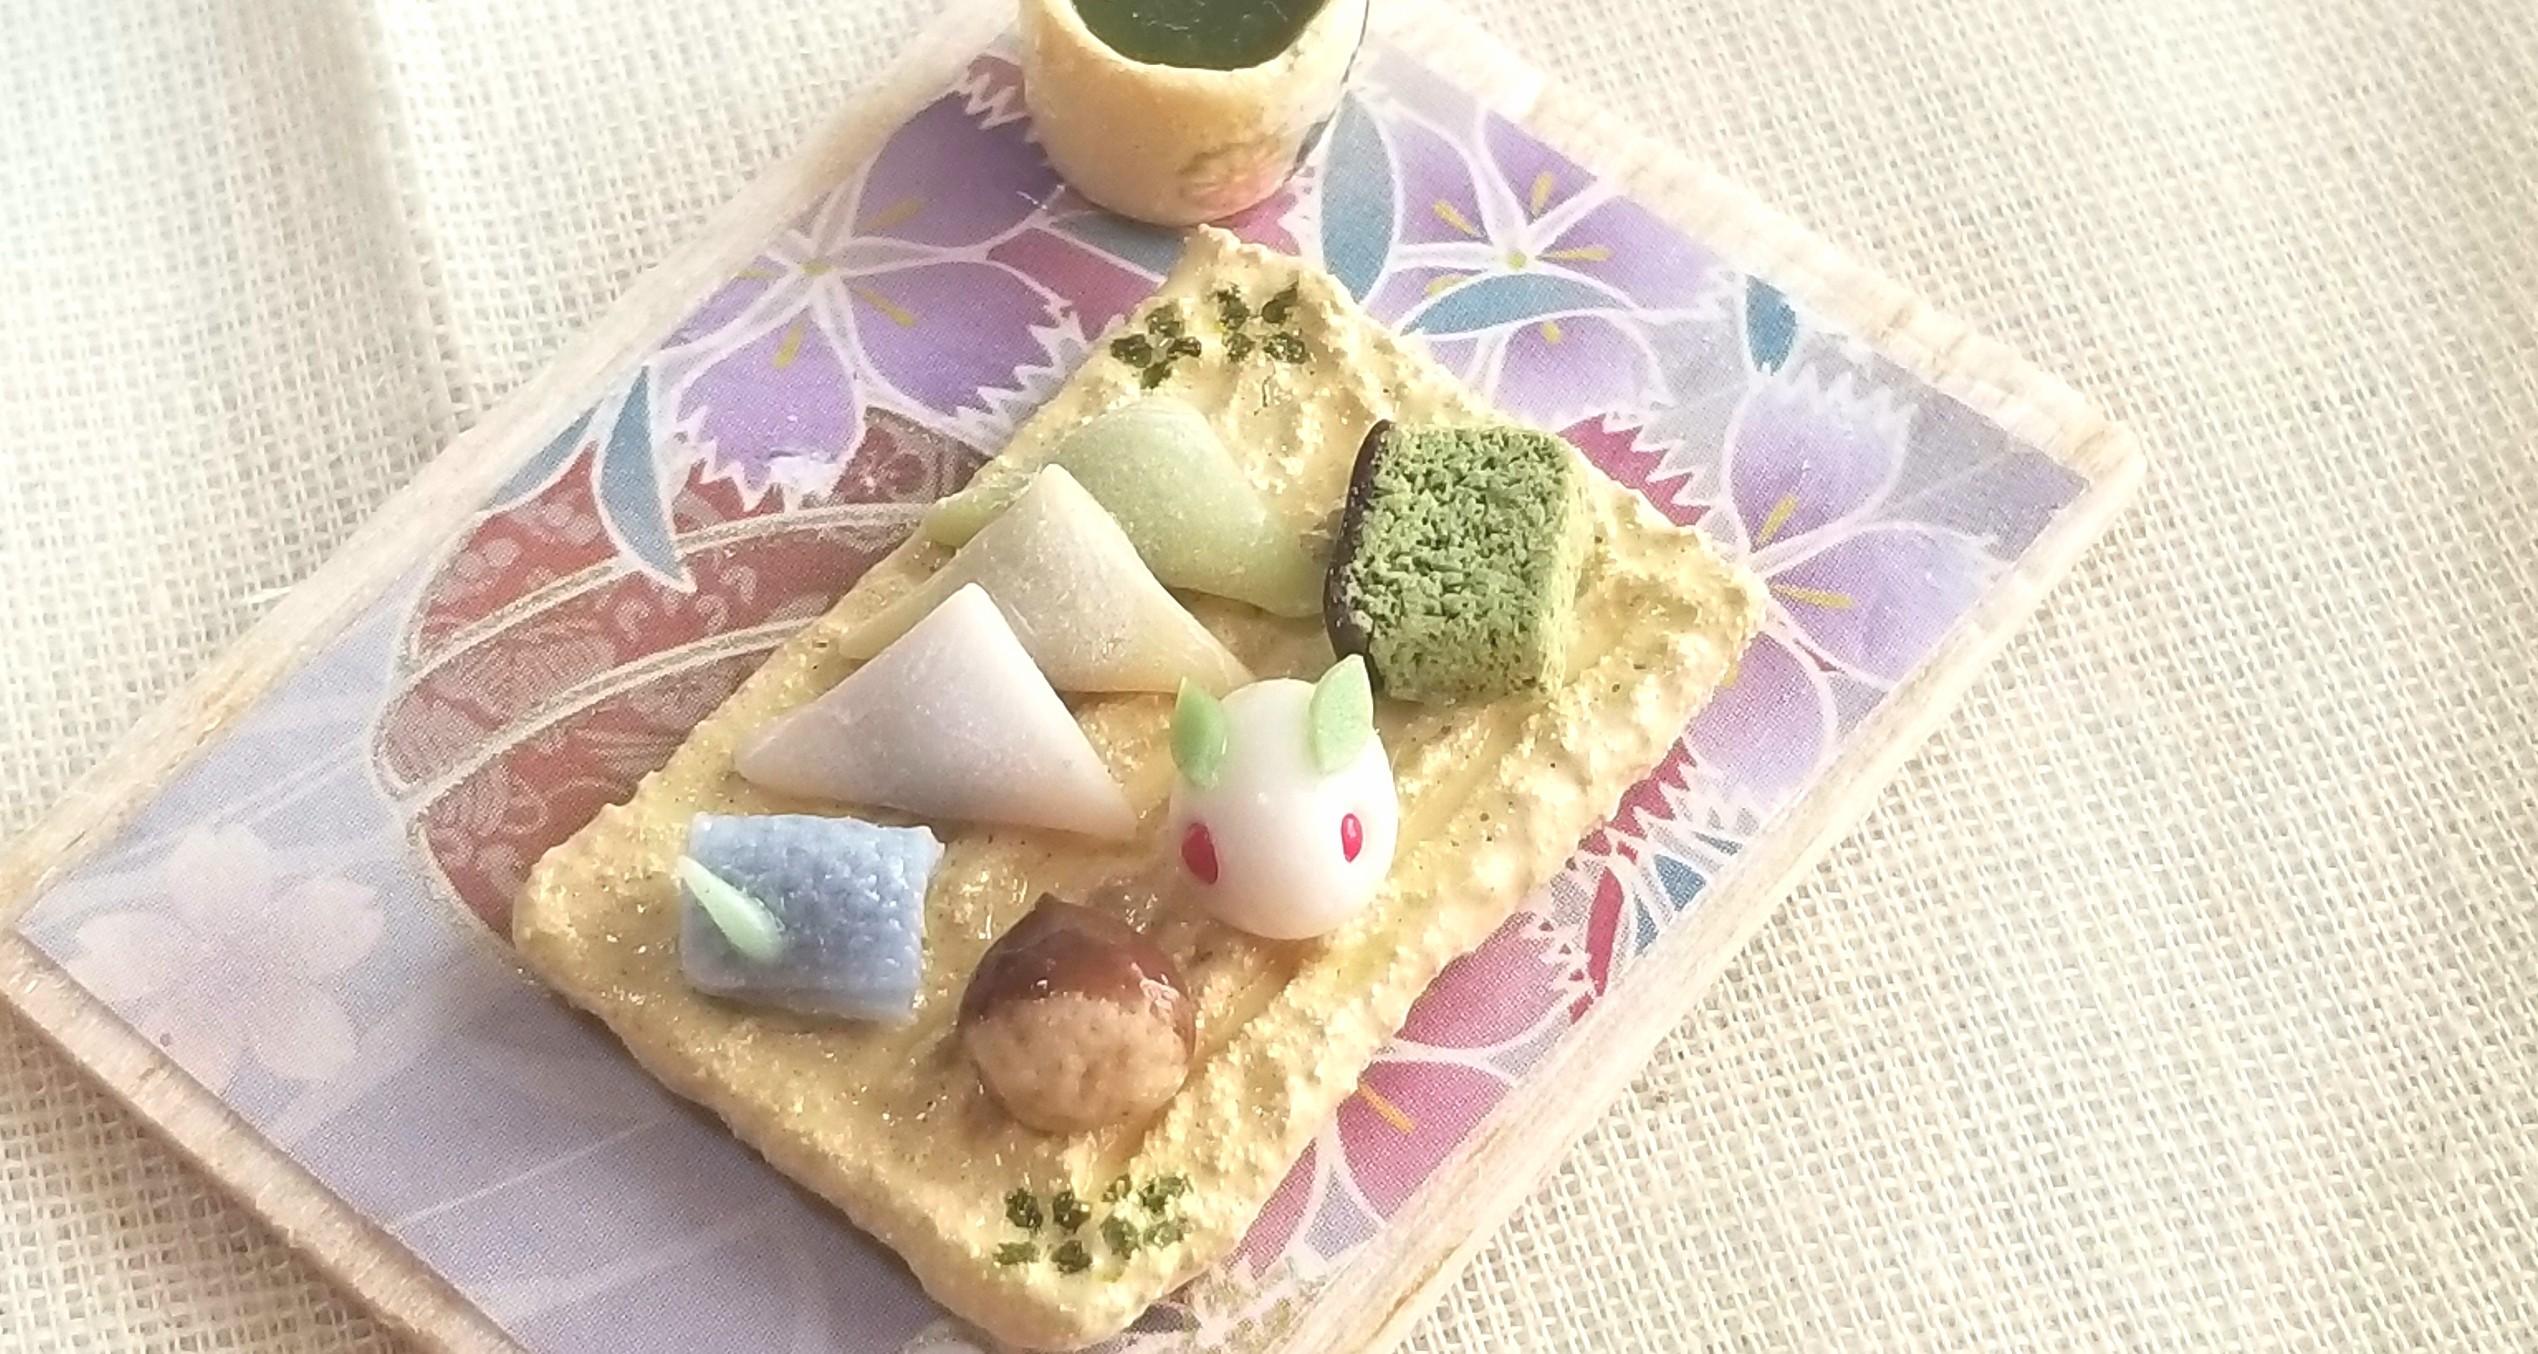 生菓子,和菓子,ミニチュア,オビツろいど,キューポッシュ,ドール,人形